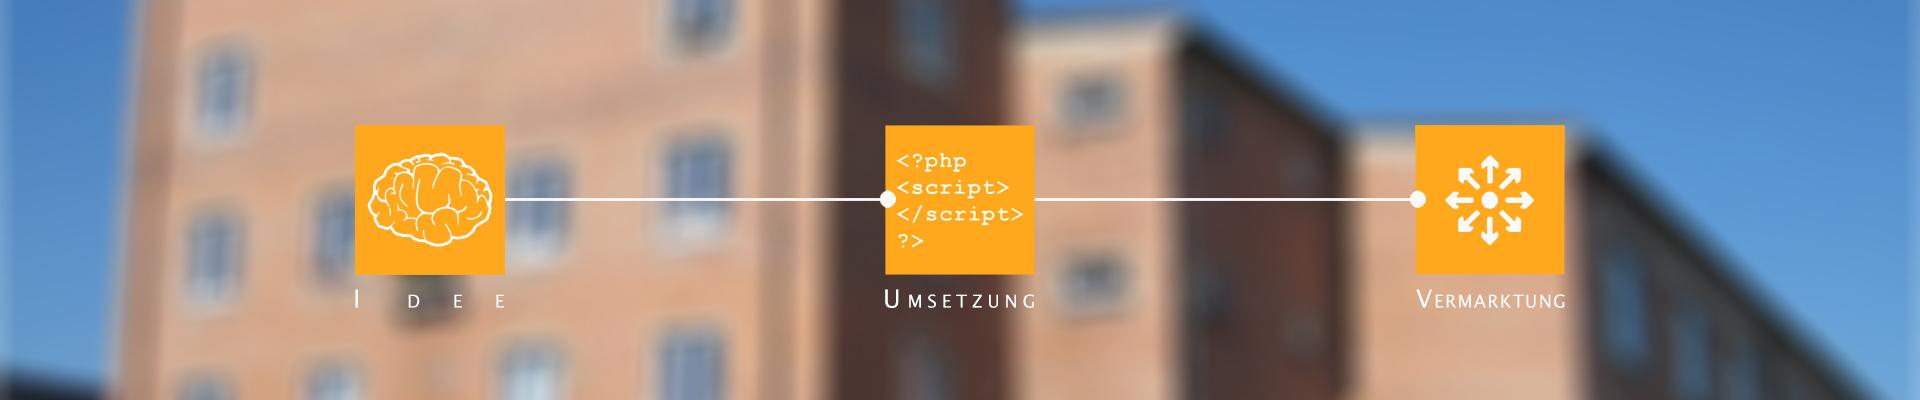 slide_org